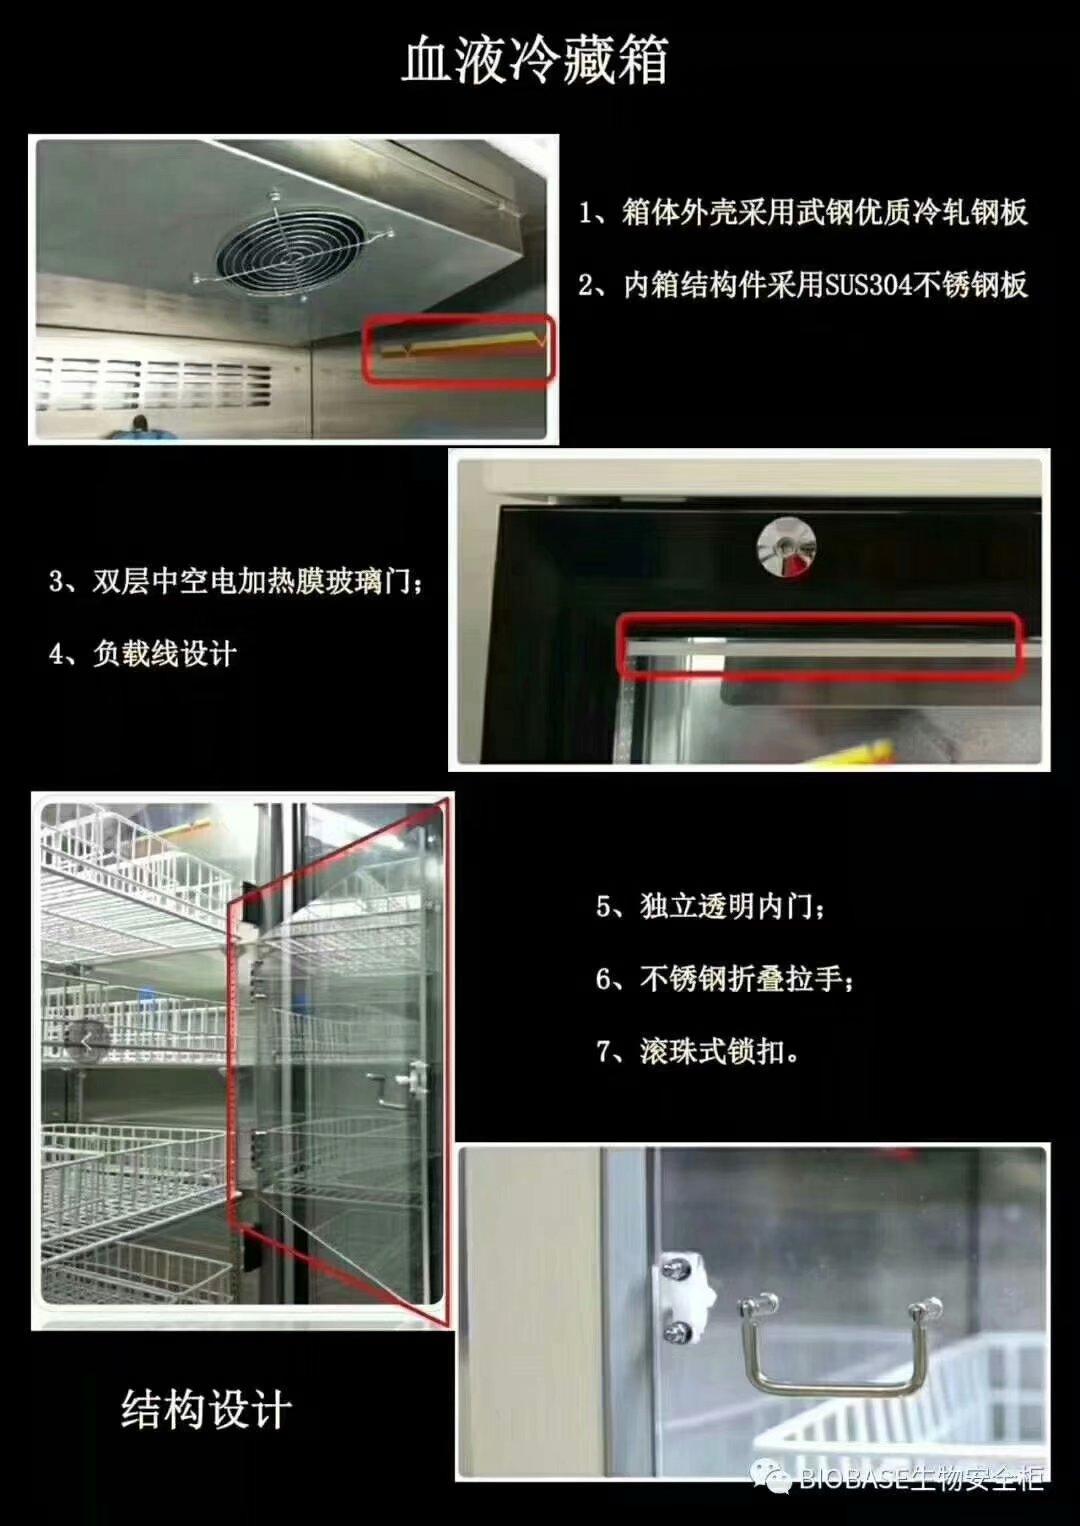 血液冷藏箱2.jpg